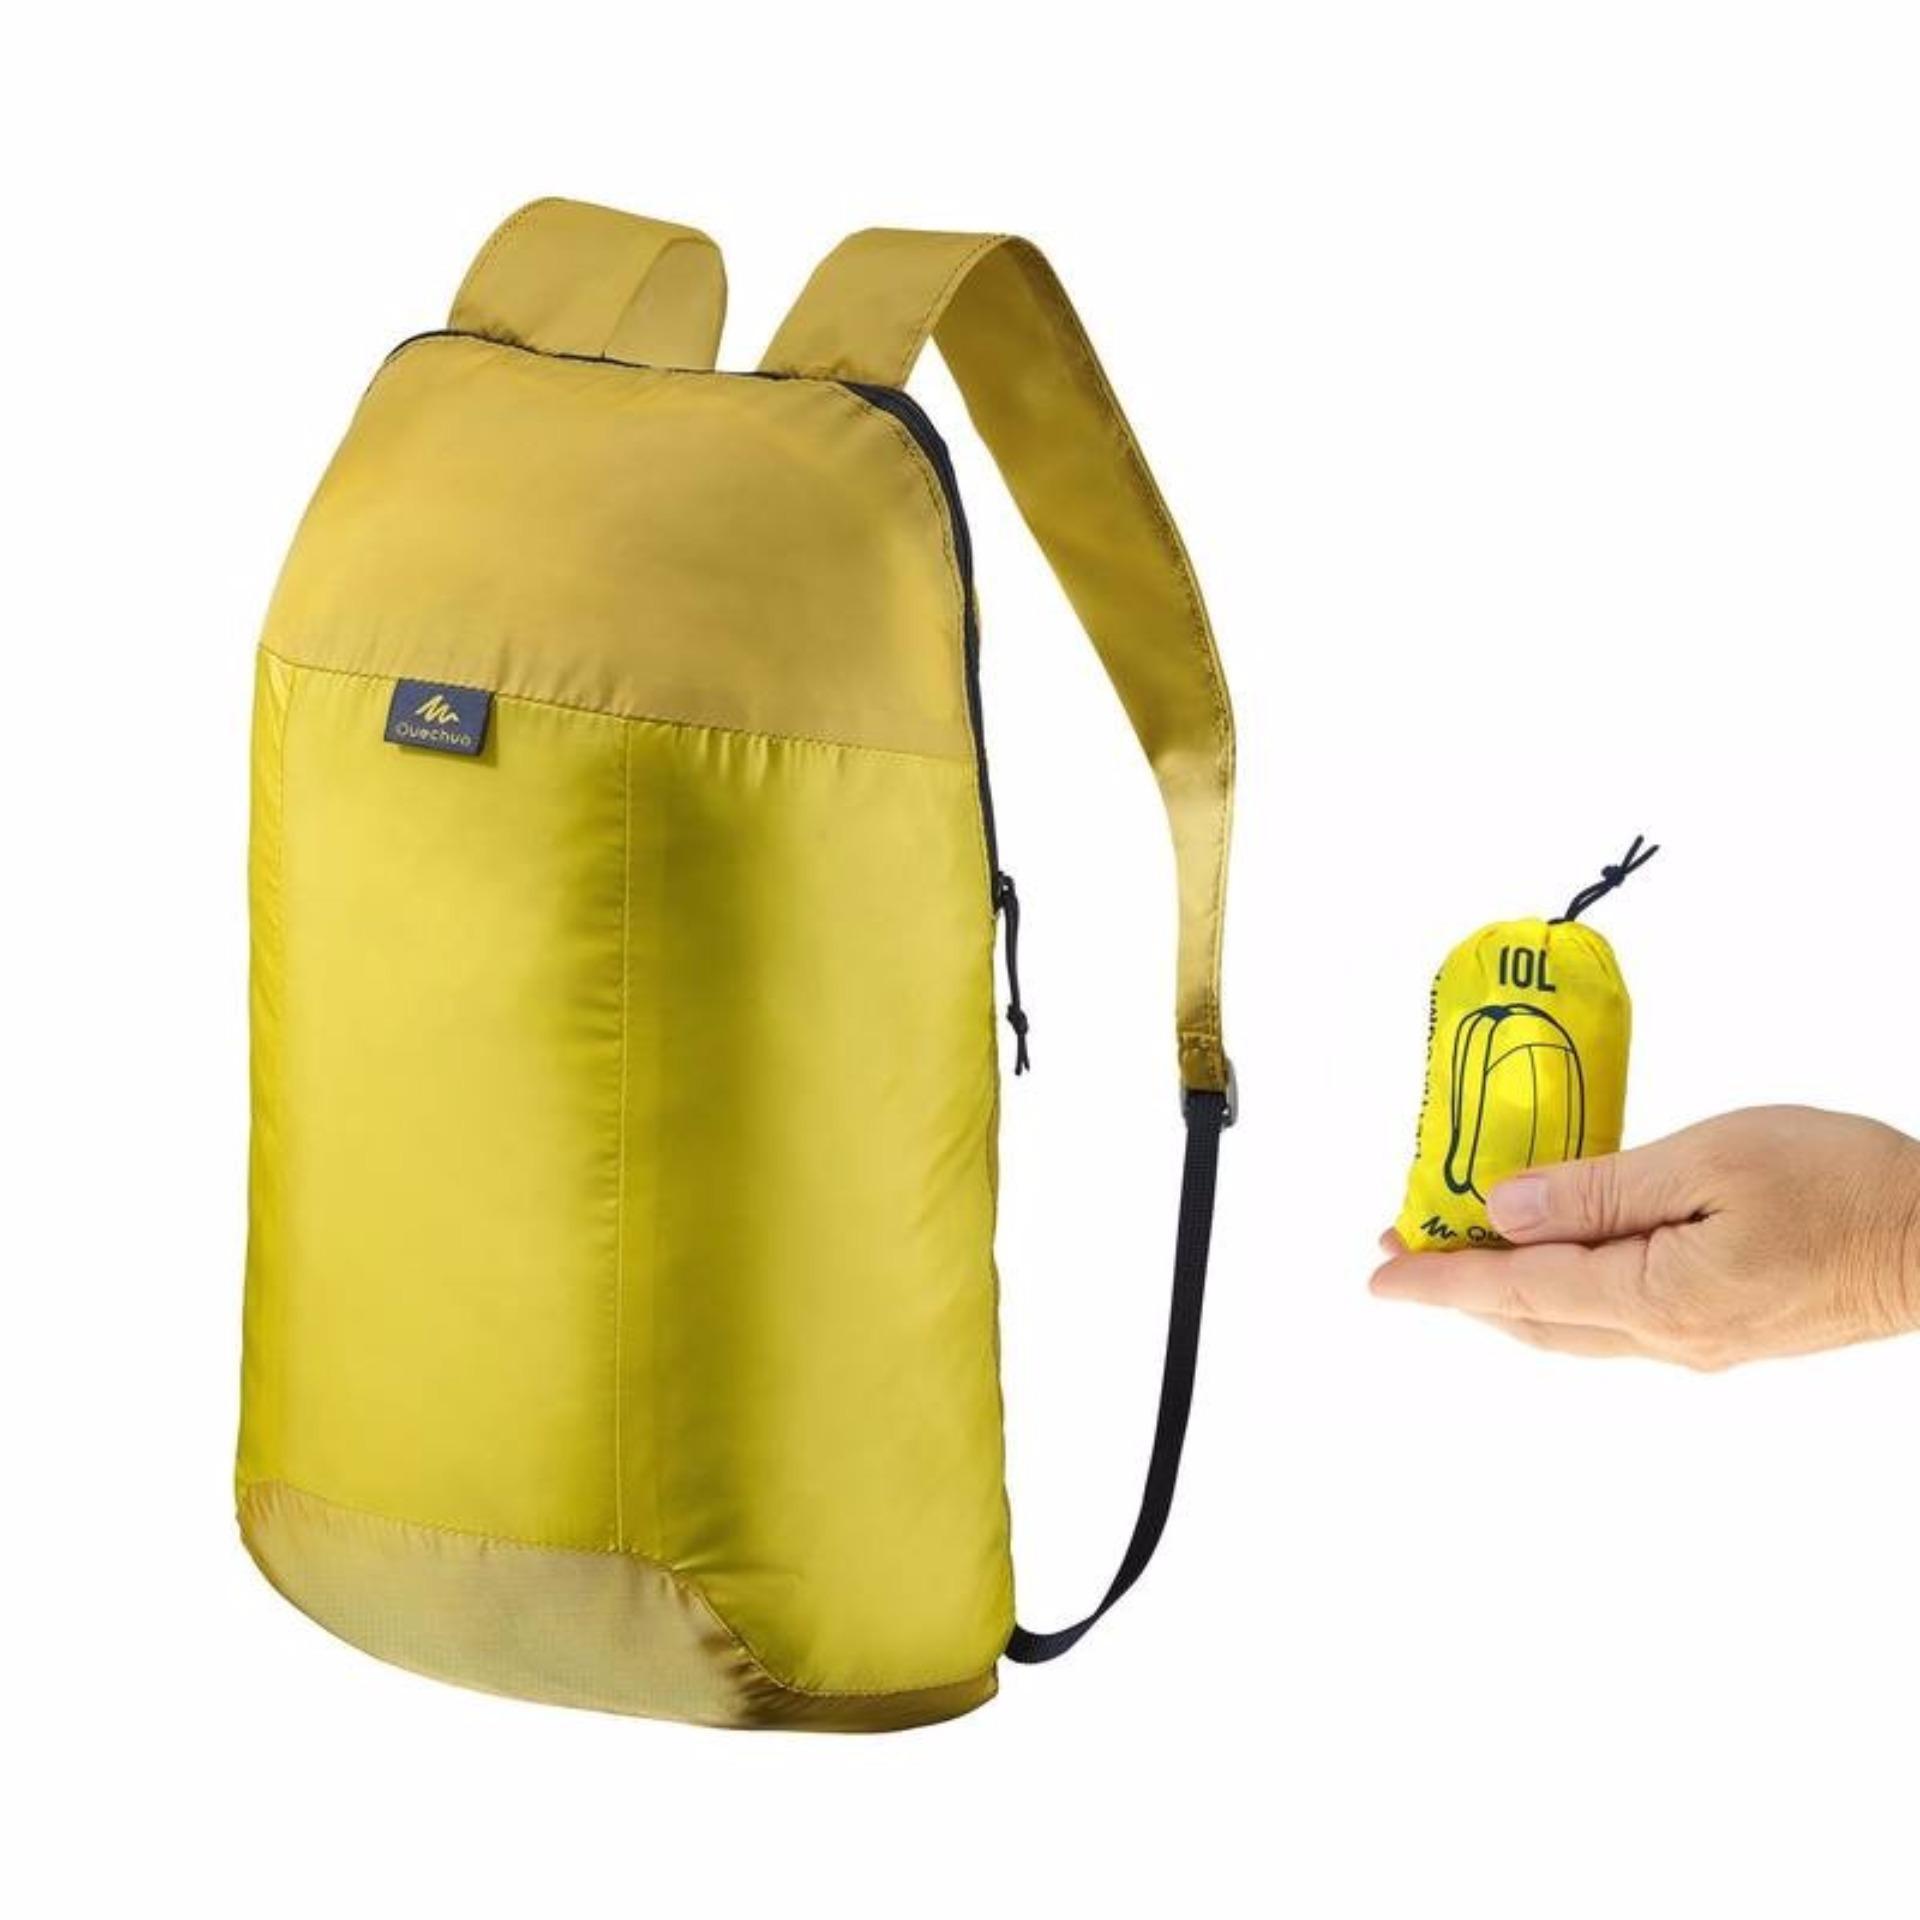 Jual Decathlon Quechua Murah Garansi Dan Berkualitas Id Store Tas Ransel Anak Arpenaz 7l Original For Kids Rp 43950